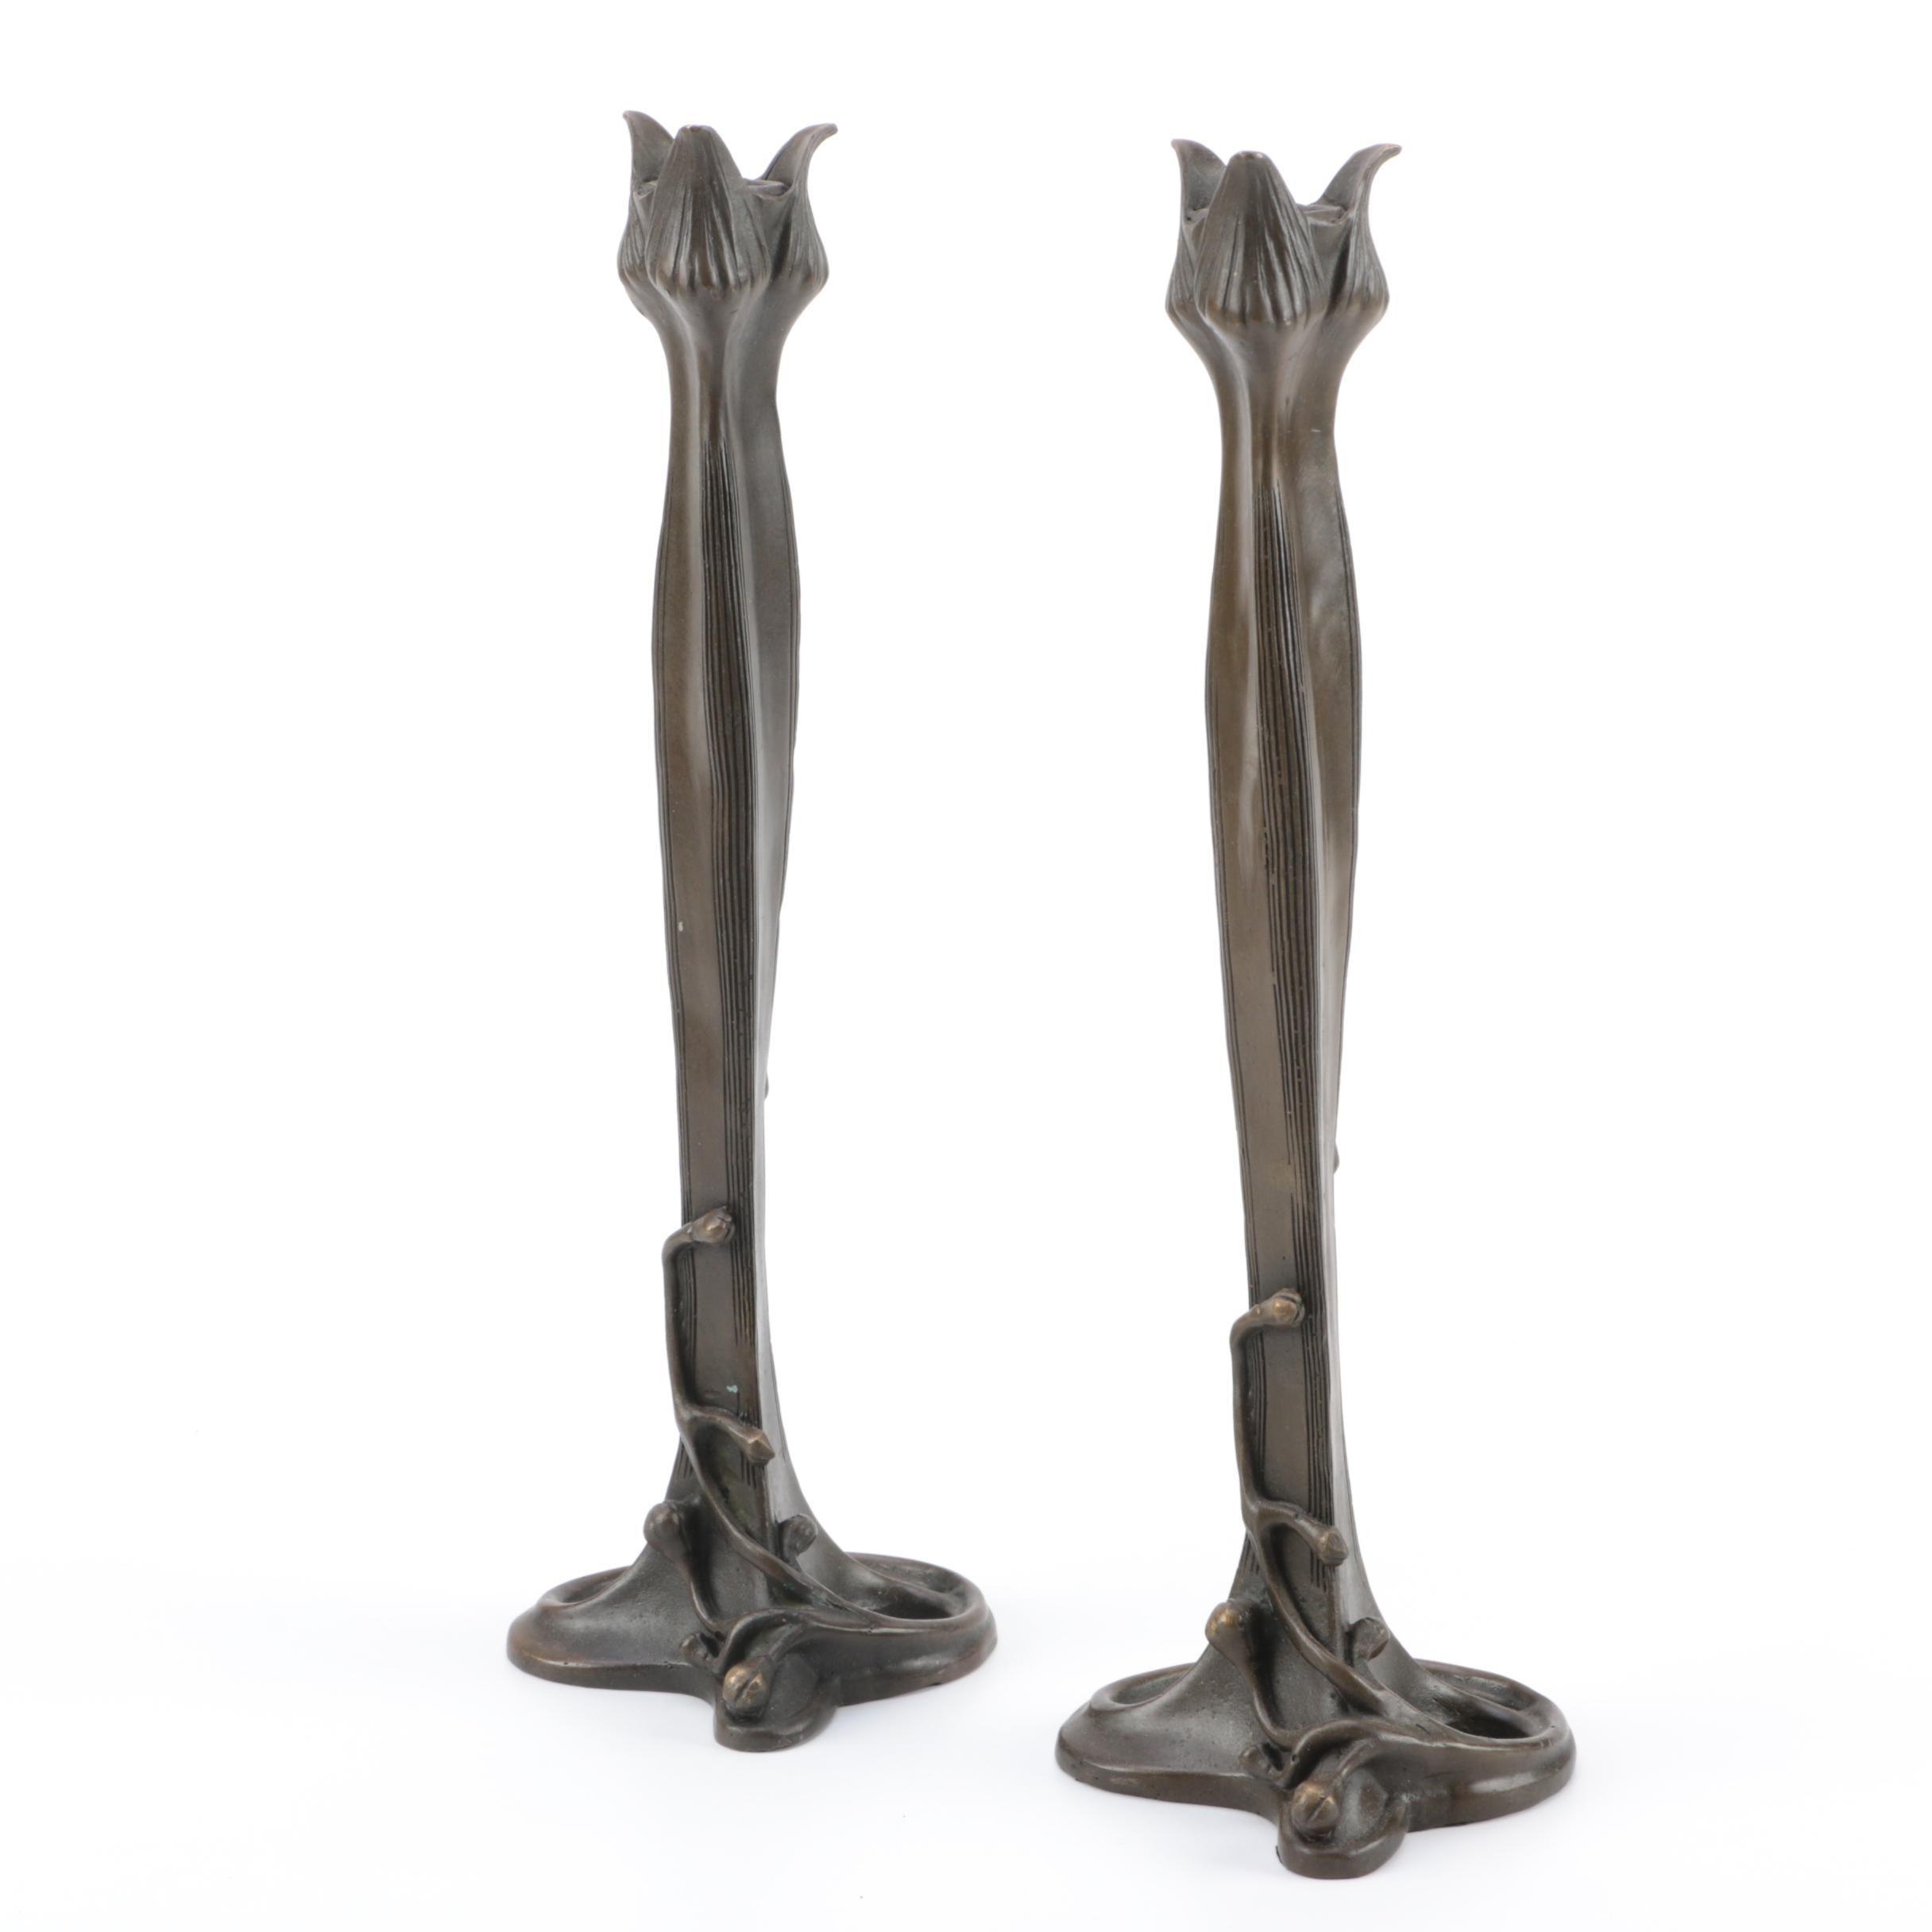 Pair of Art Nouveau Bronze Candlesticks by Milo